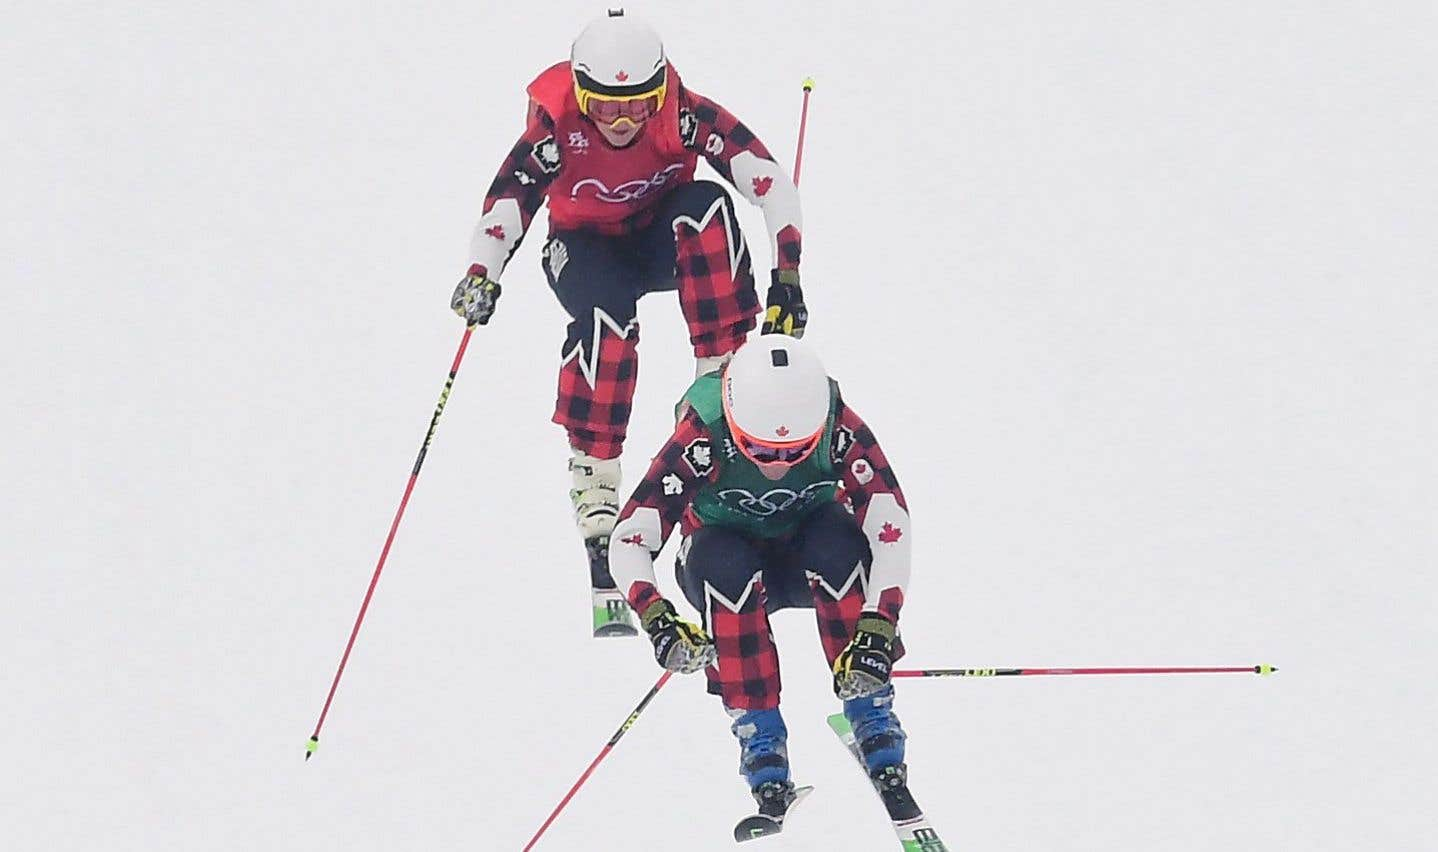 Kelsey Serwa et Brittany Phelan ont franchi le fil d'arrivée l'une derrière l'autre en finale de ski cross.